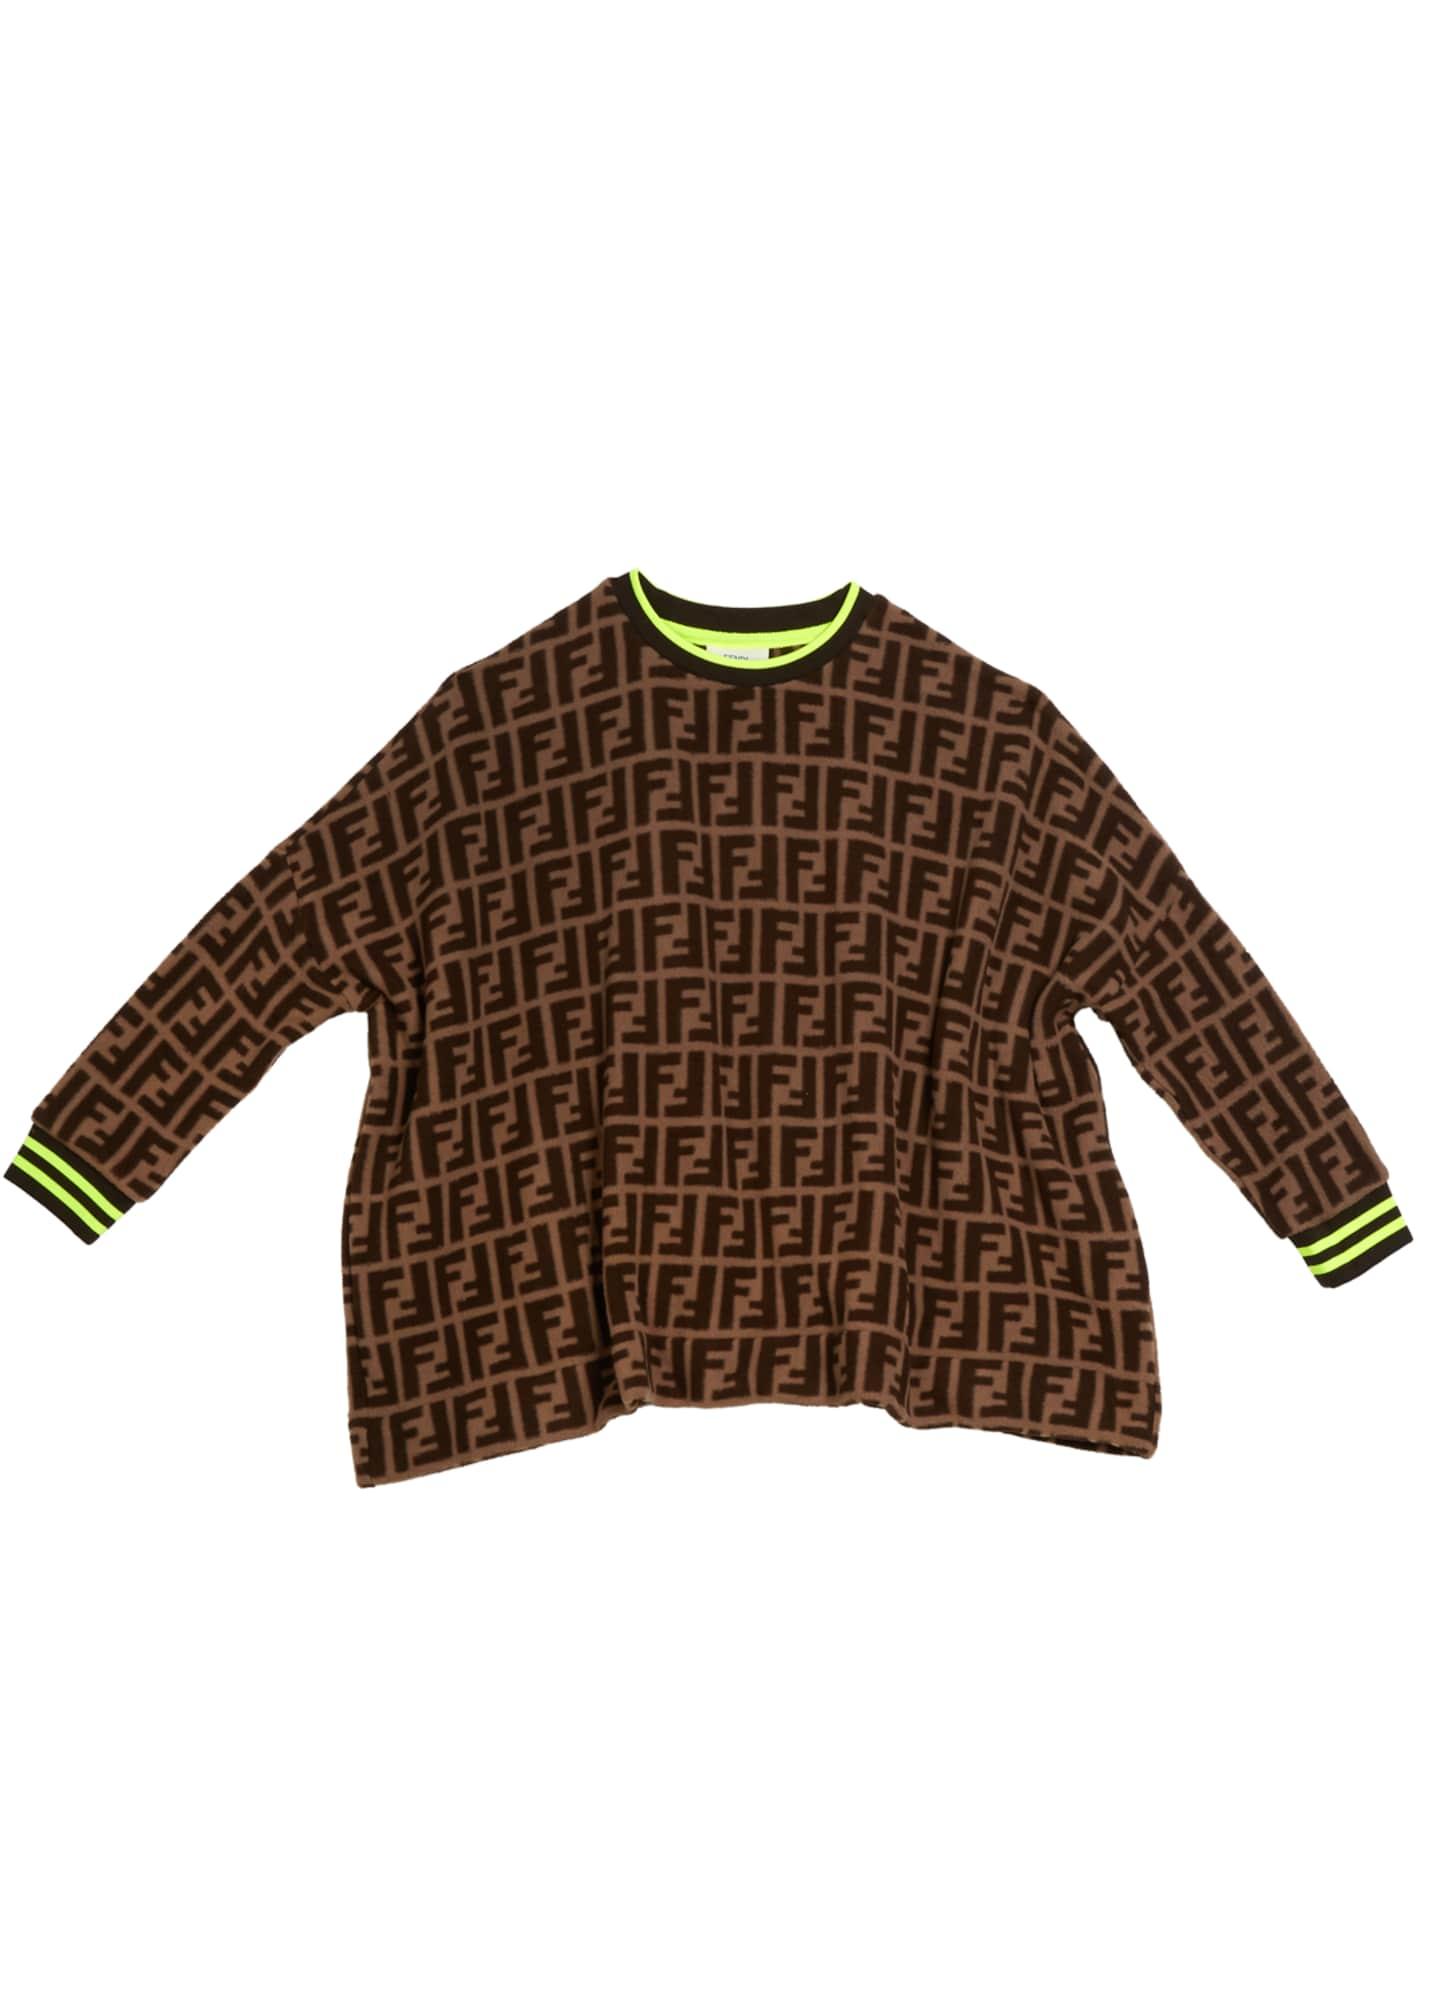 Fendi Allover FF-Print Sweater, Size 4-8